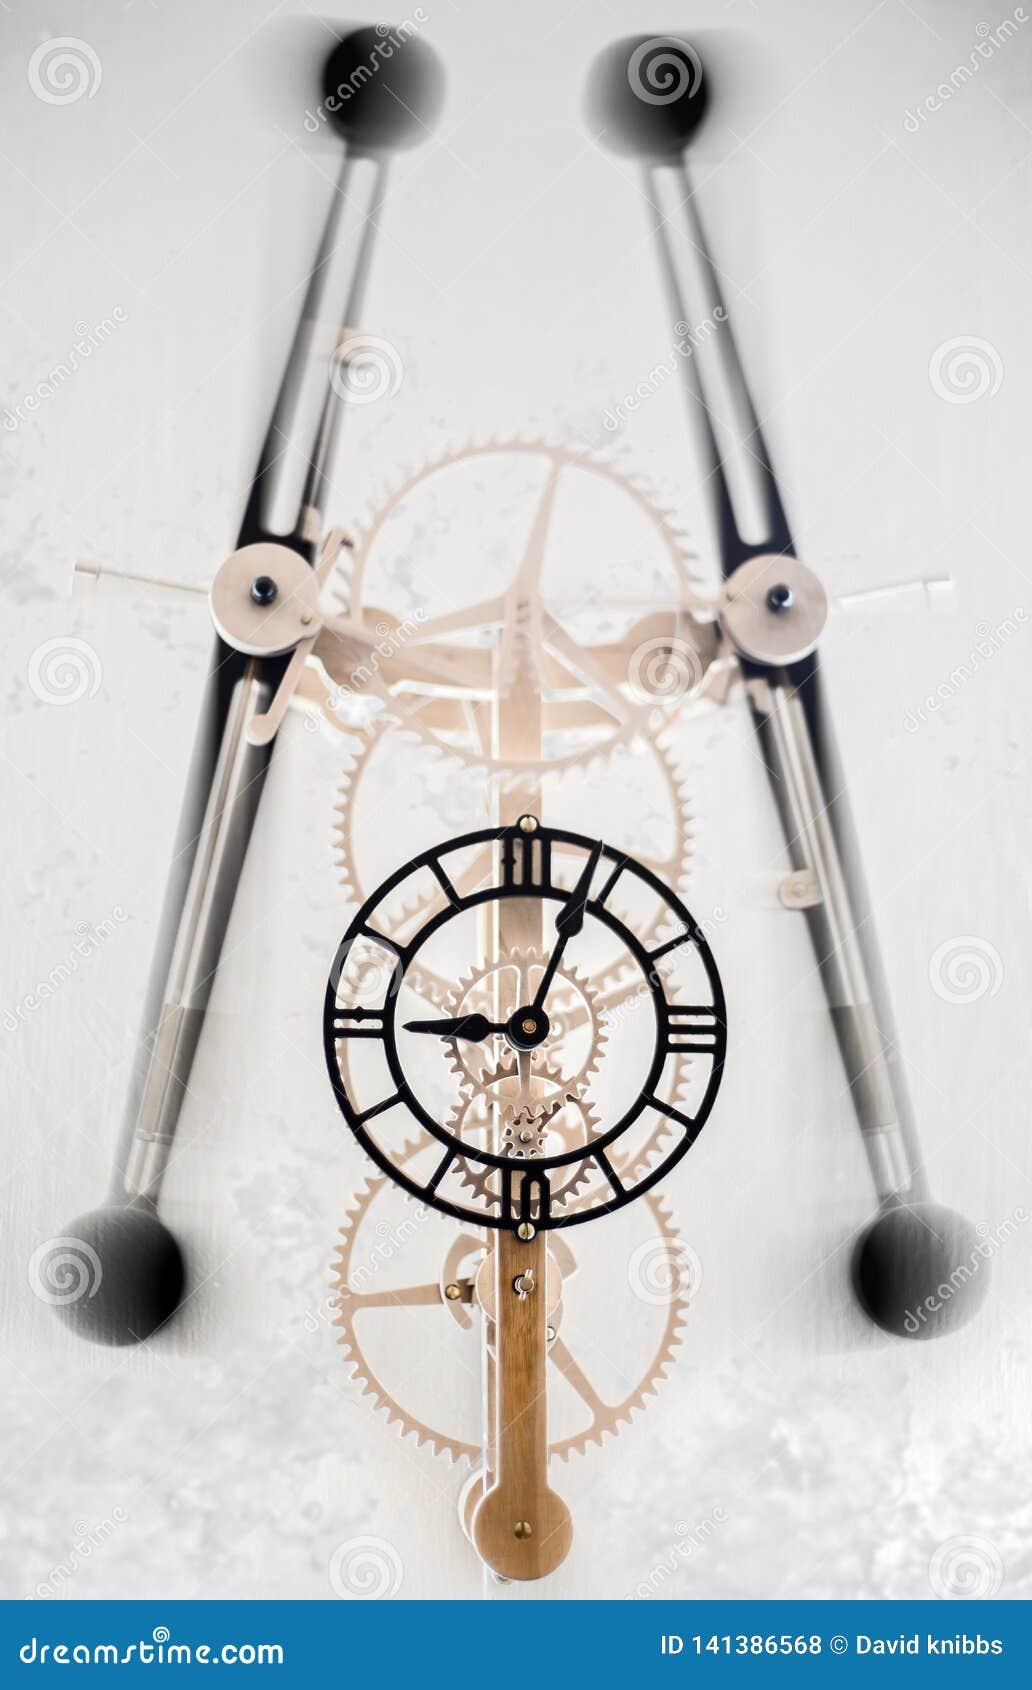 swinging-arm-clock-repair